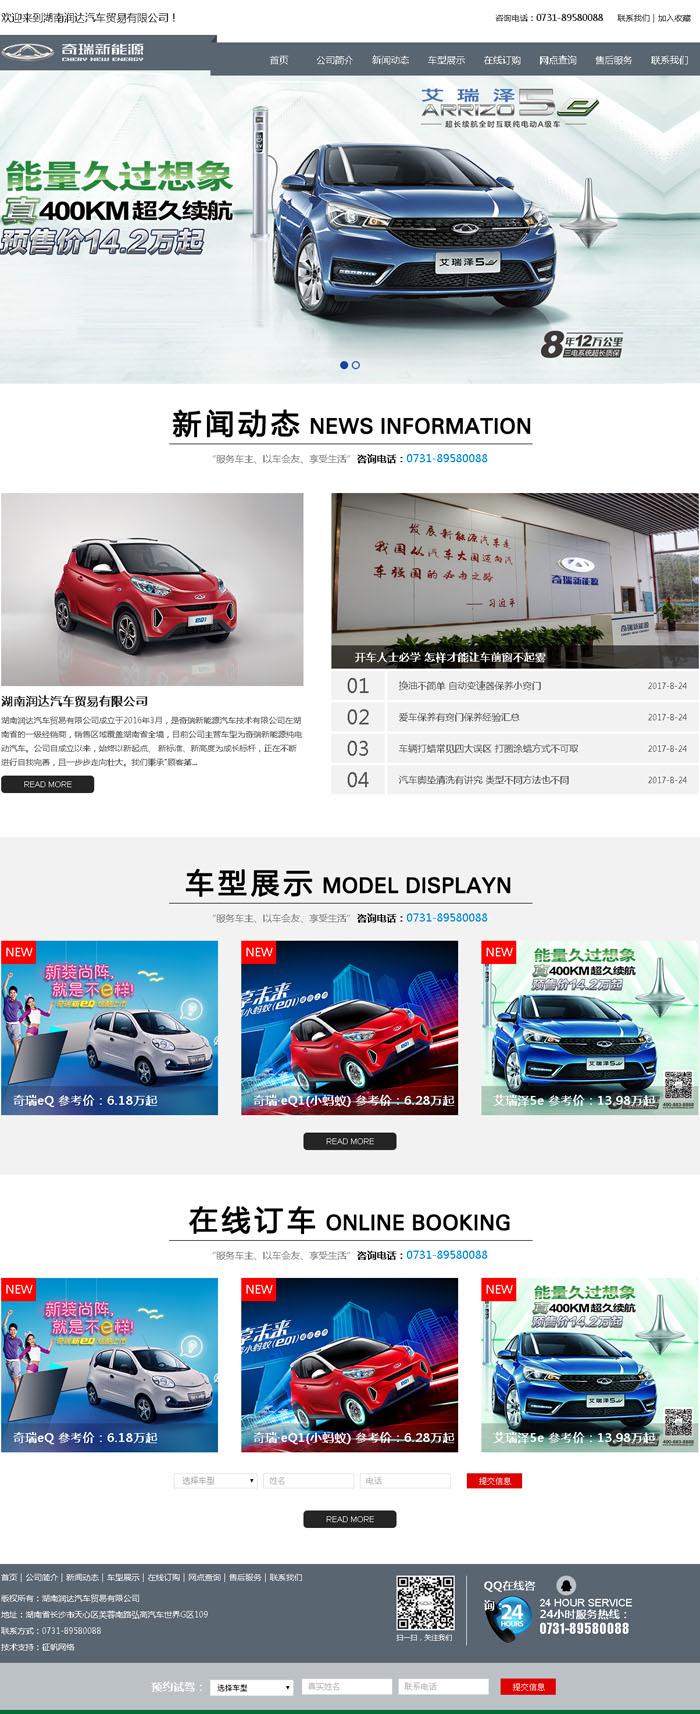 湖南润达汽车贸易有限公司网站效果图